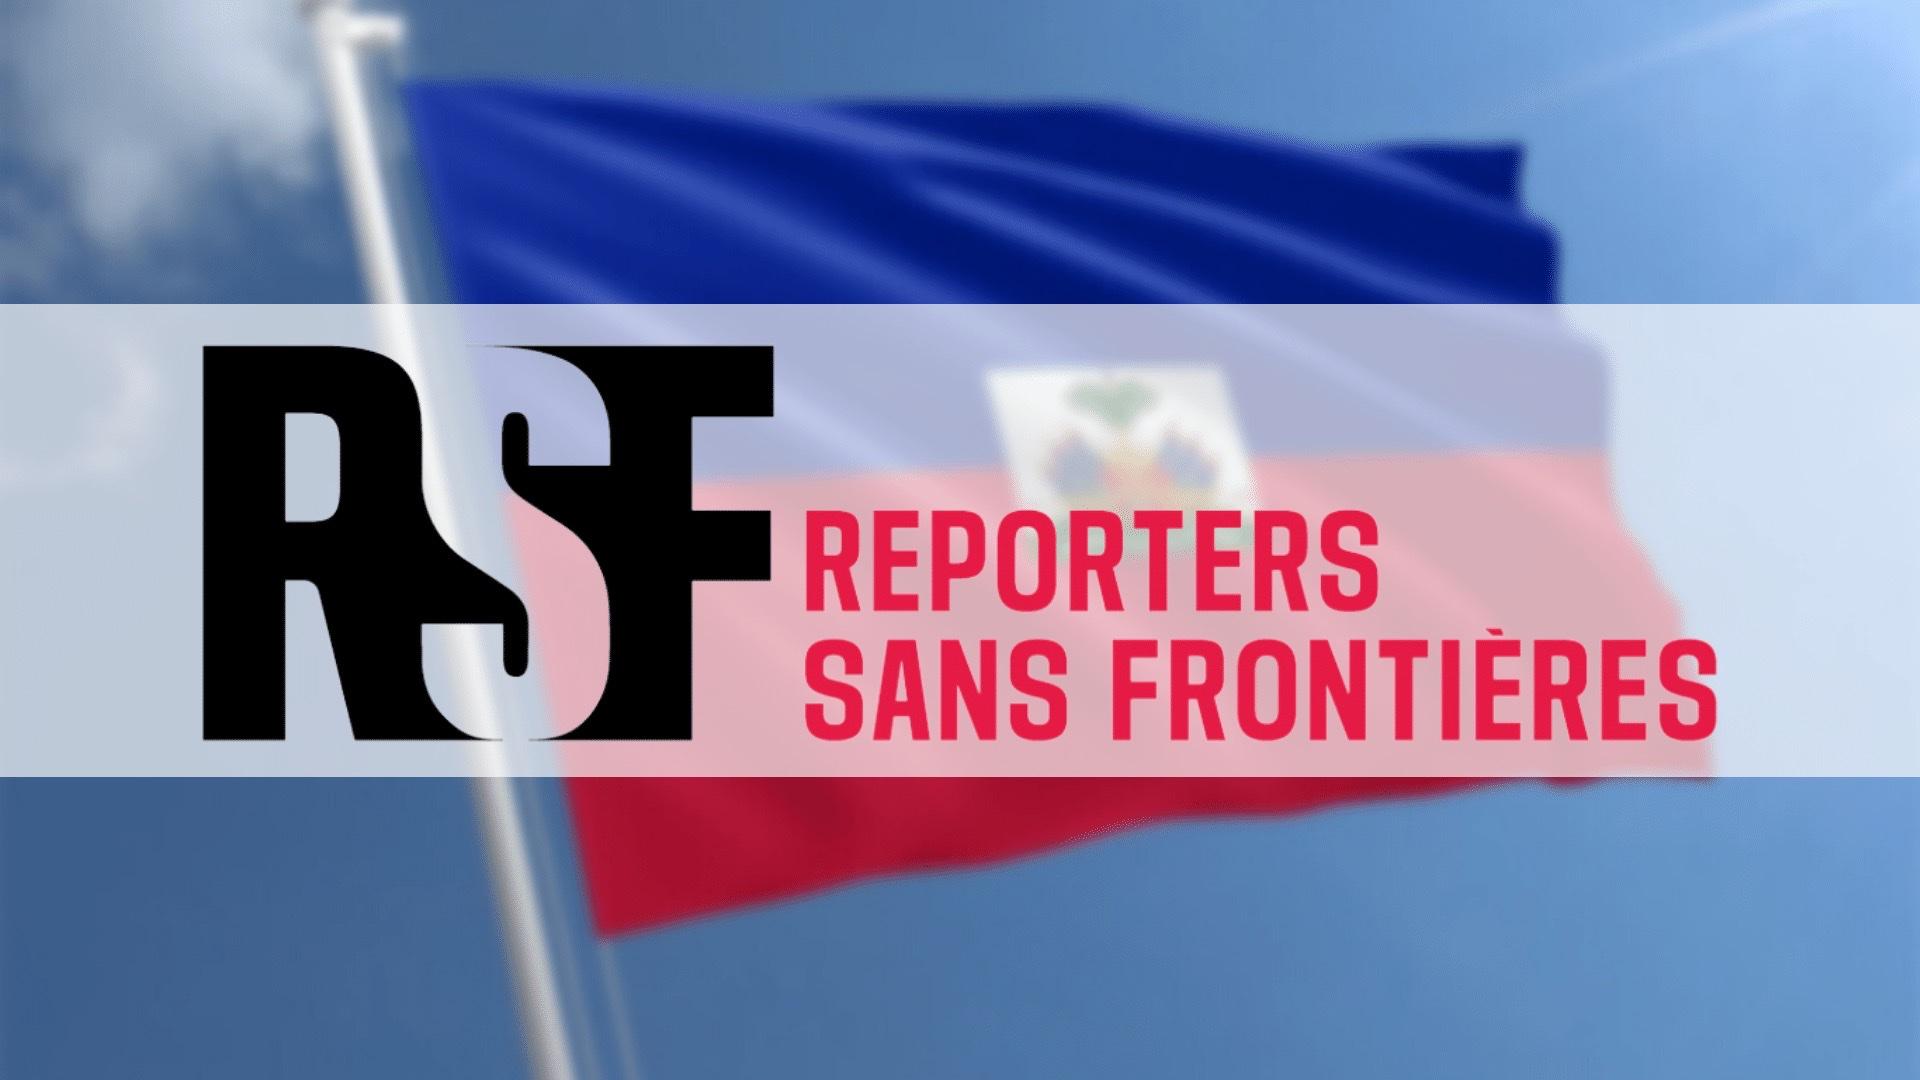 Haïti perd 4 places au classement de la liberté de la presse